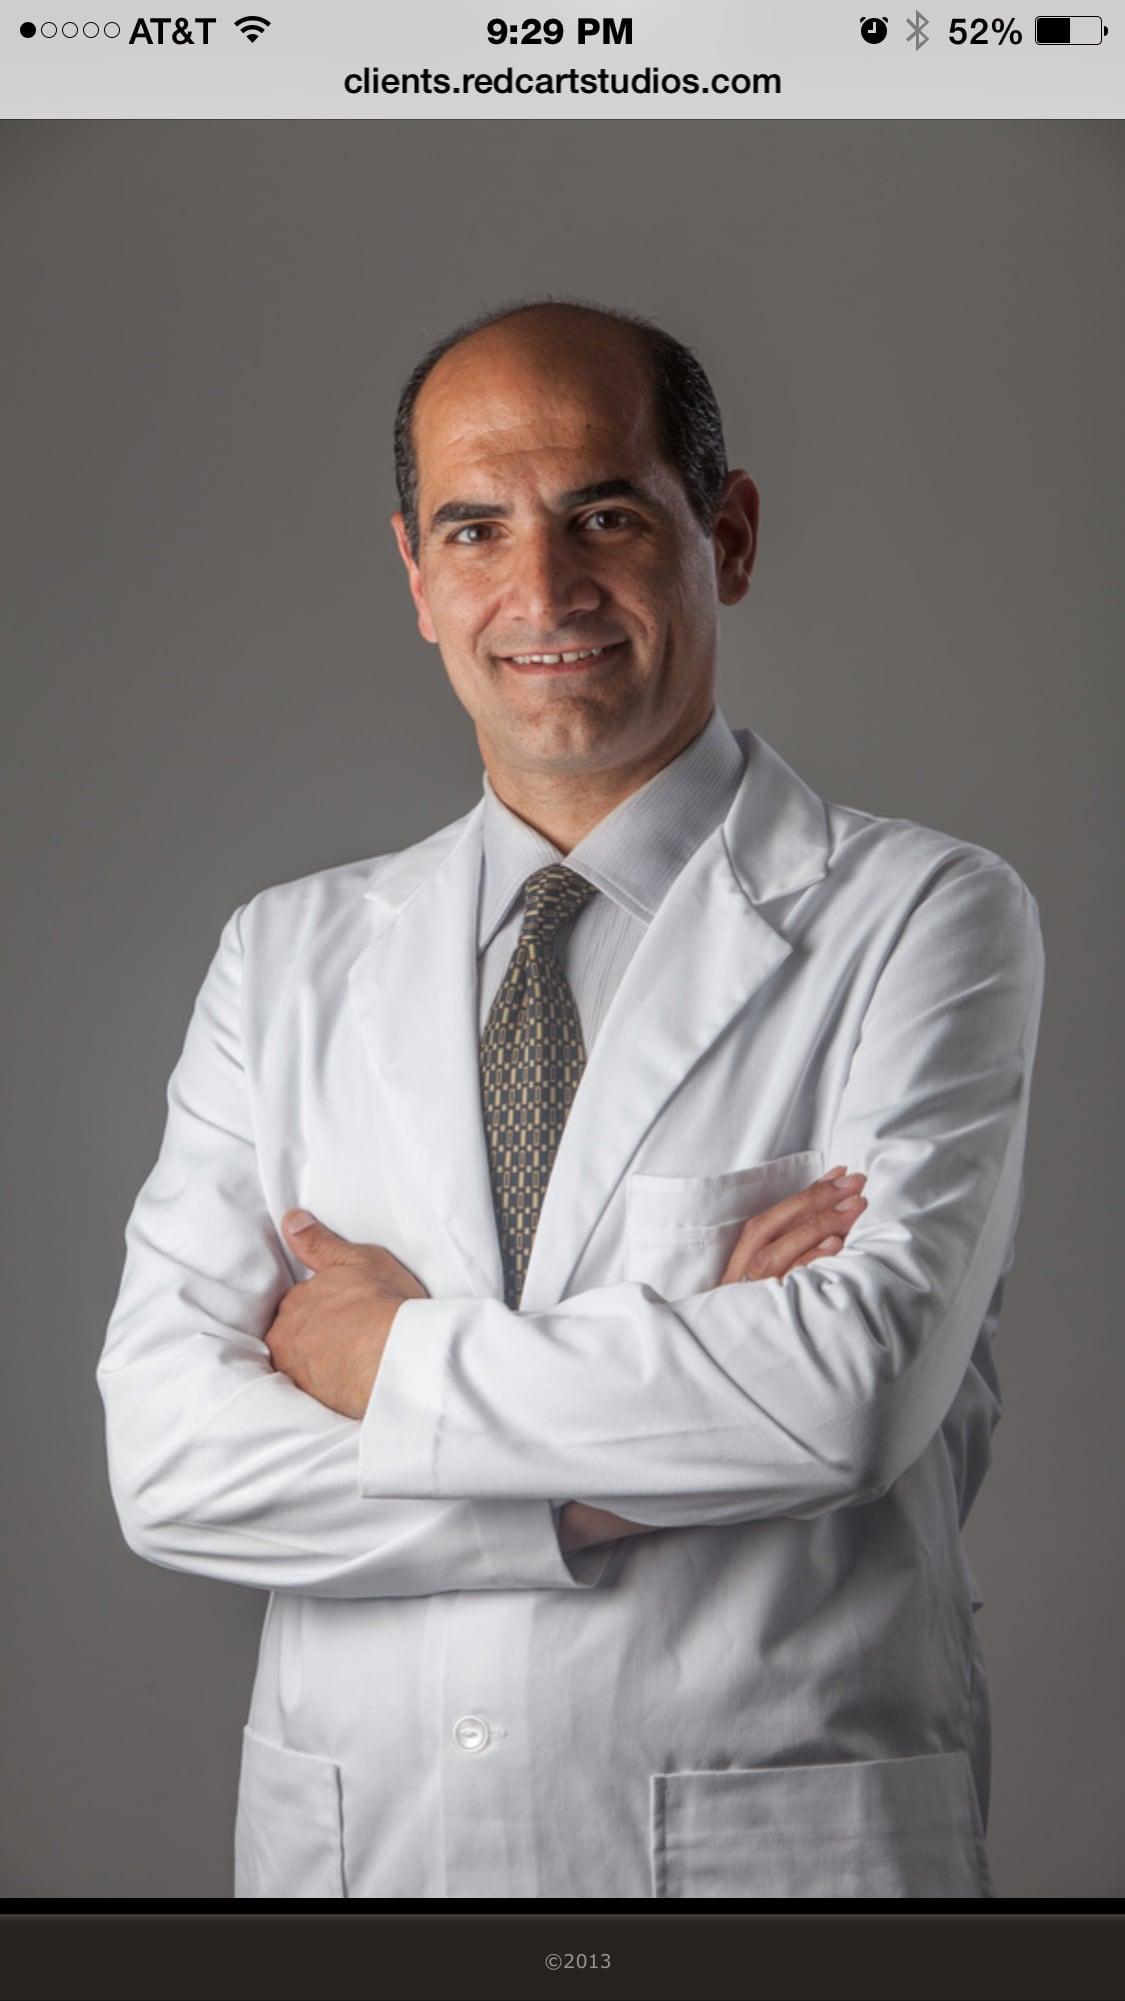 Dr. Javid Javidan-Nejad MD